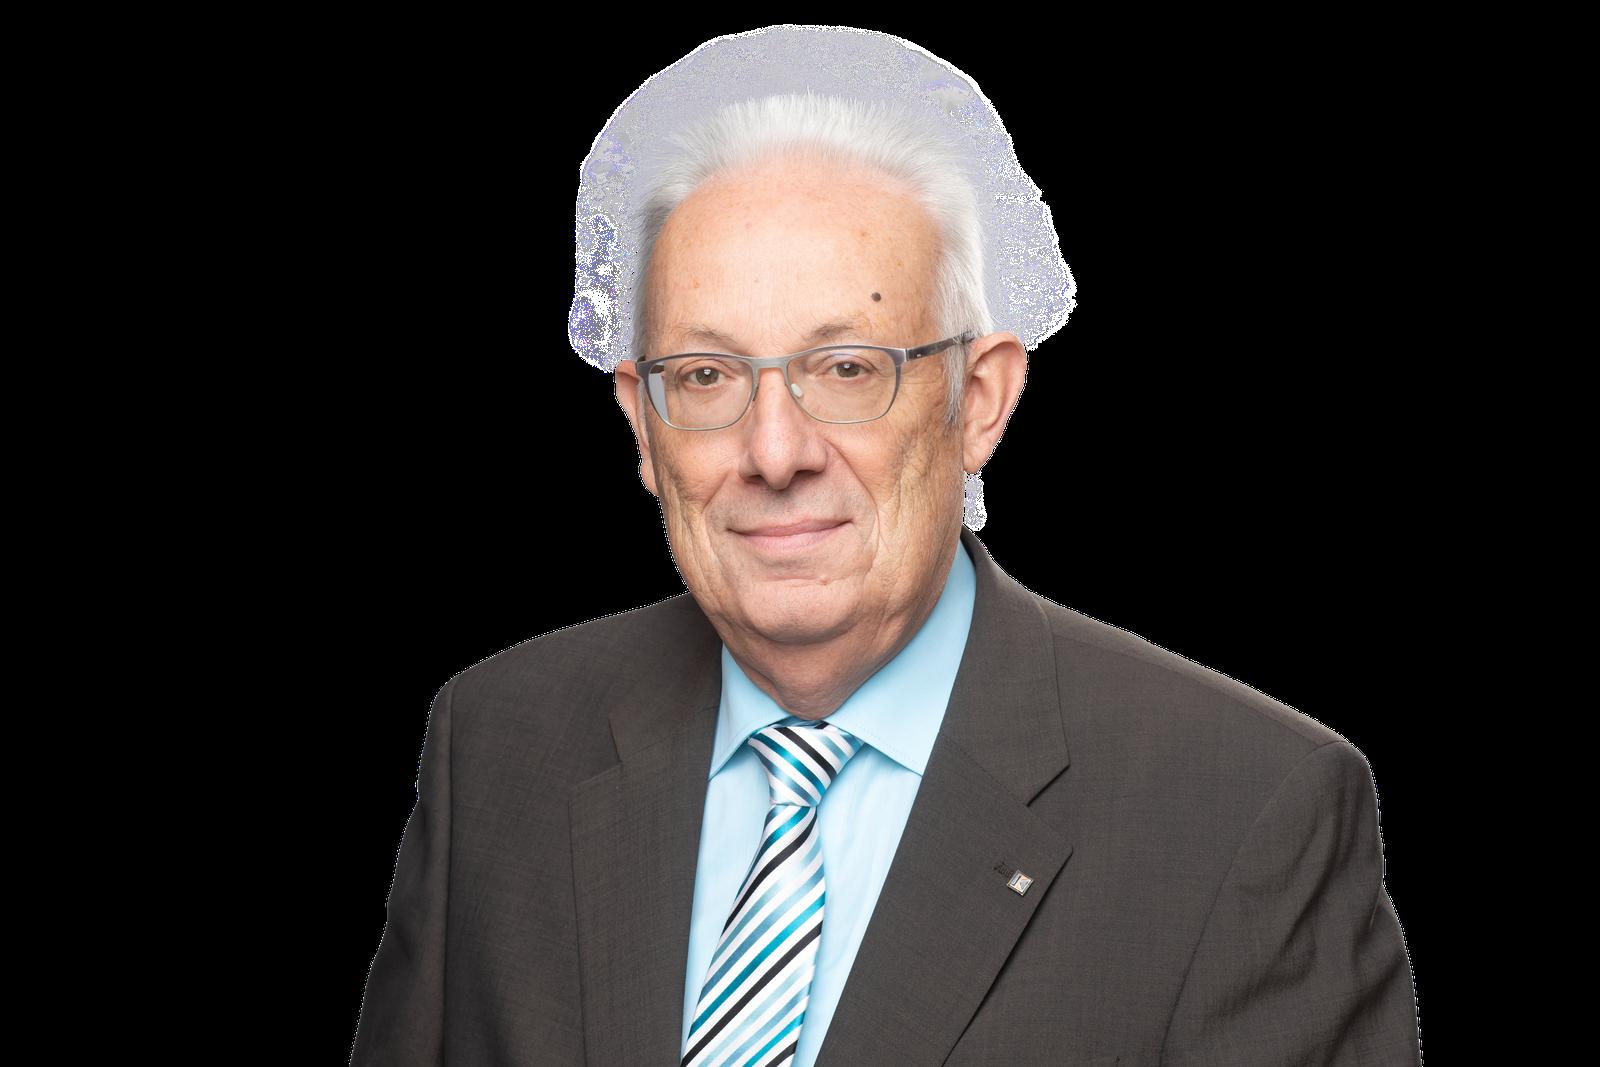 Herbert Massoth